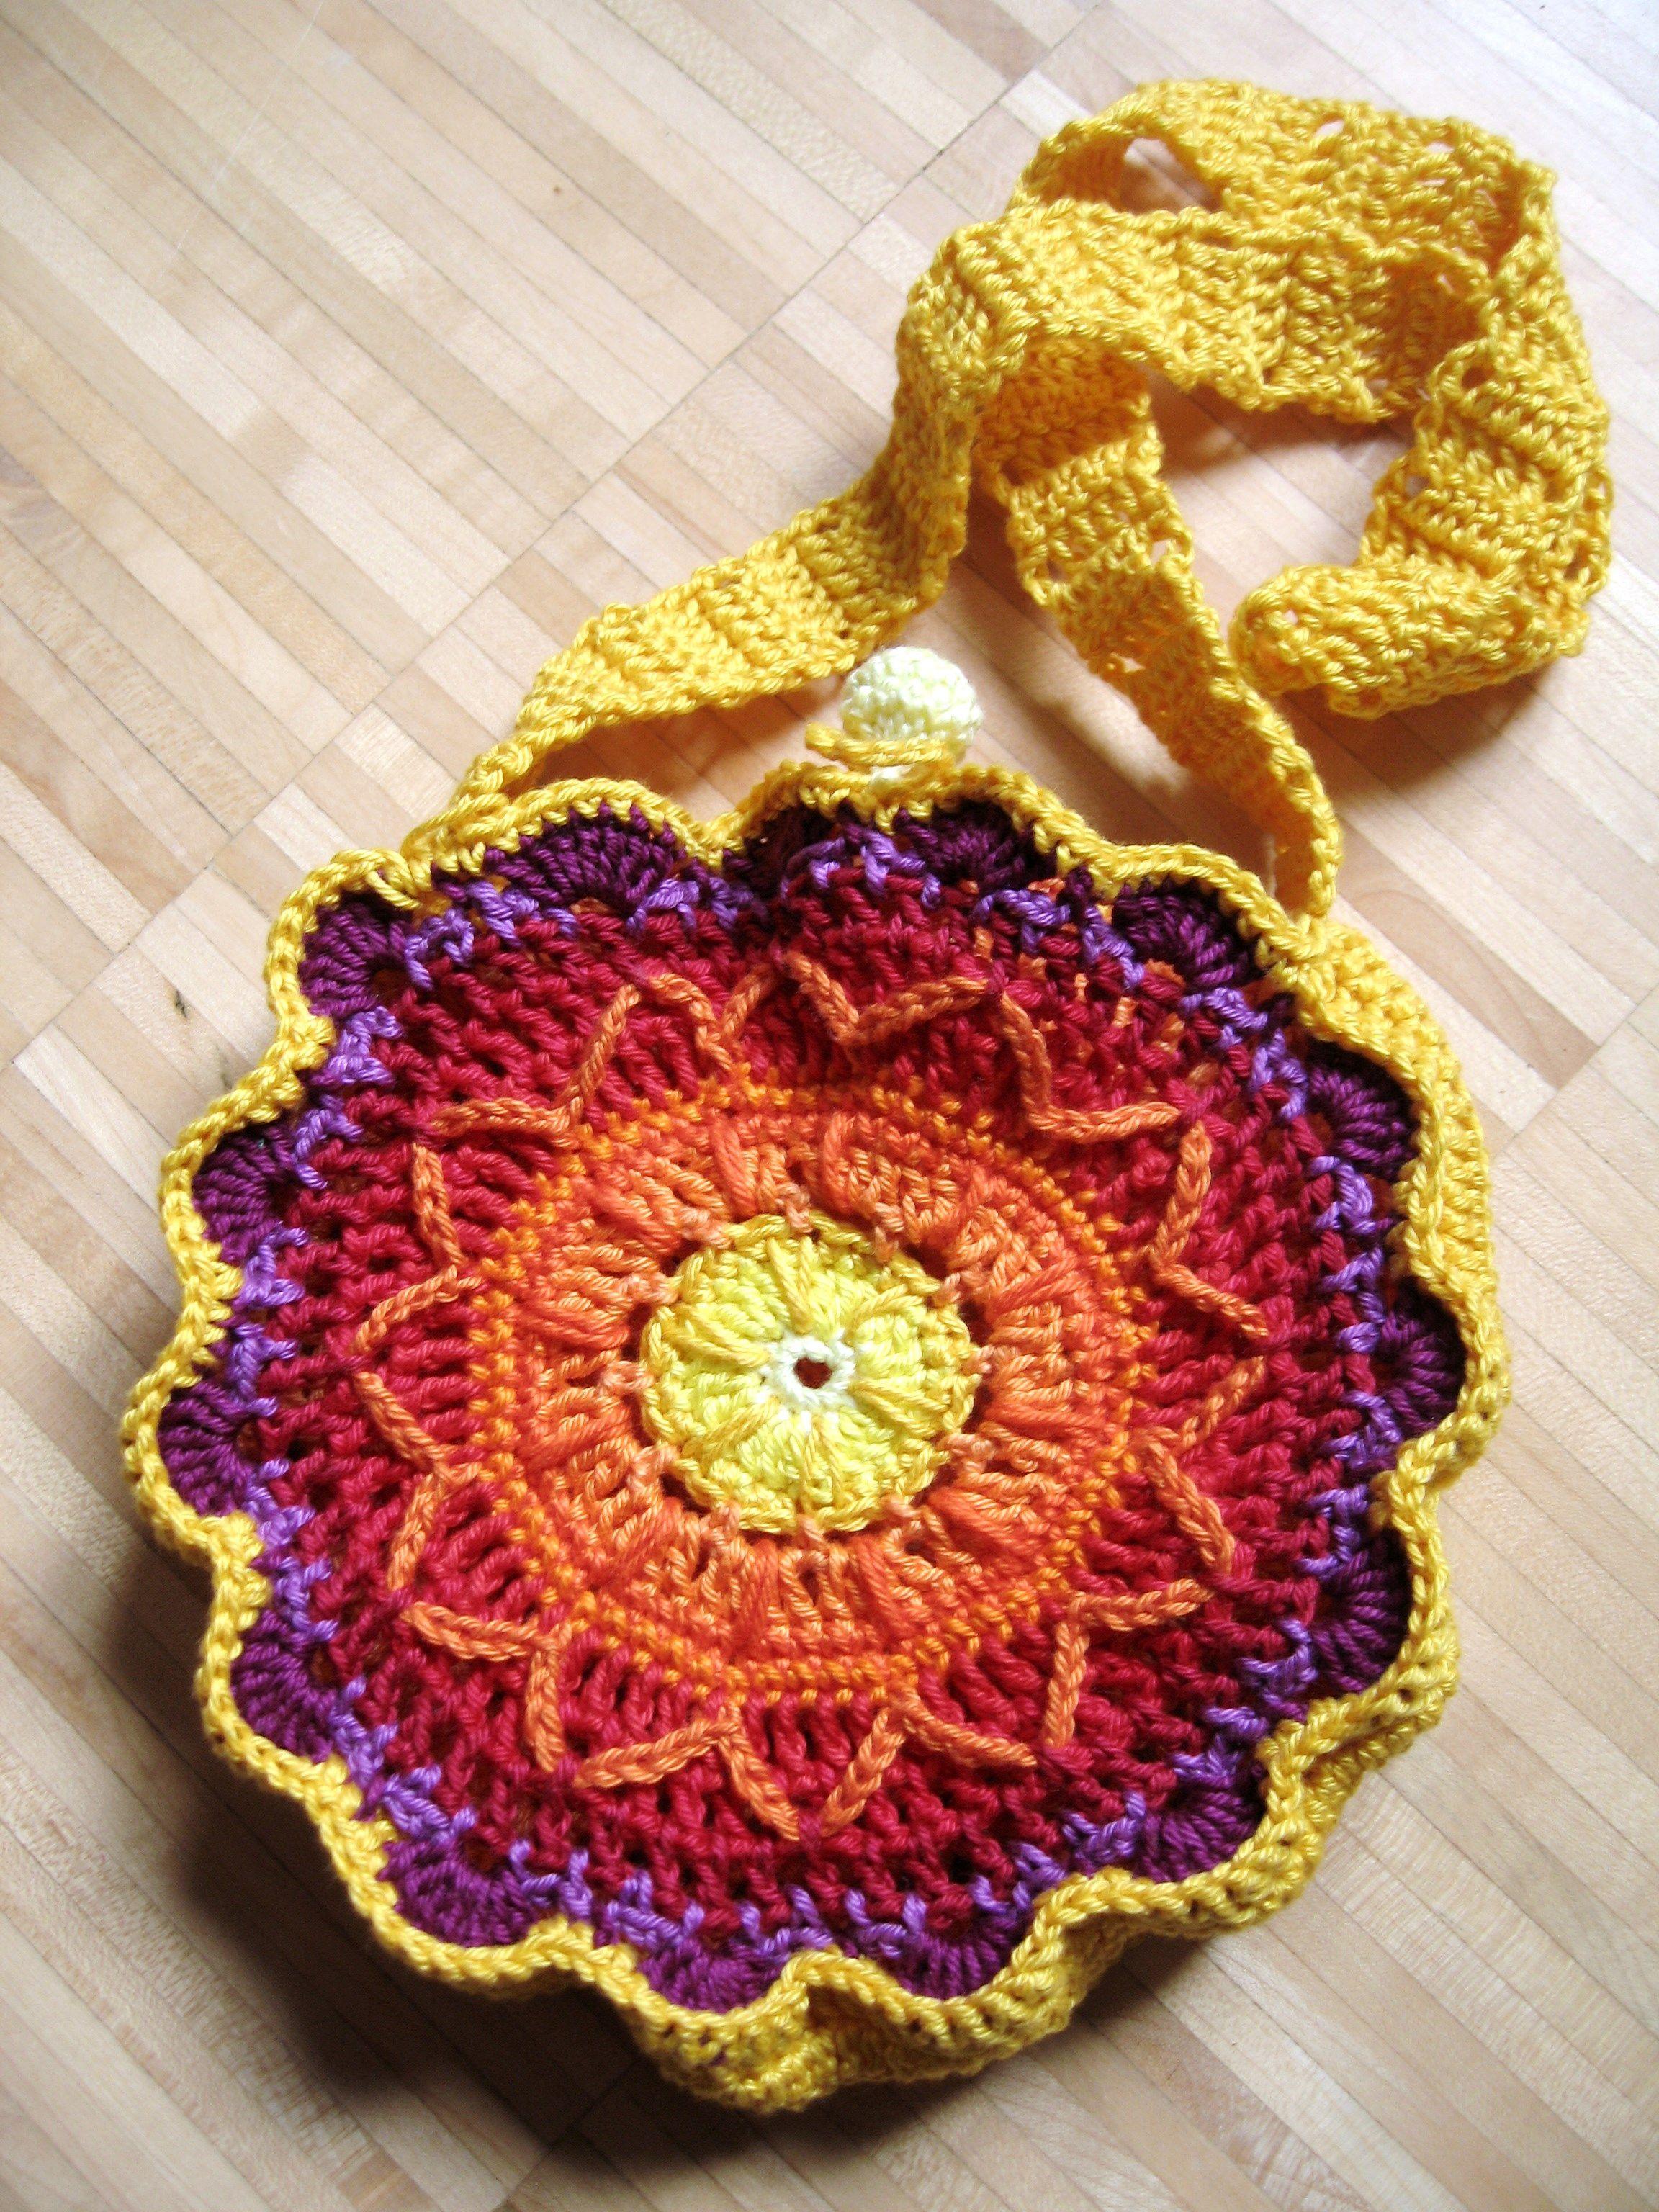 Crochet purse: free crochet pattern in English and German | crochet ...